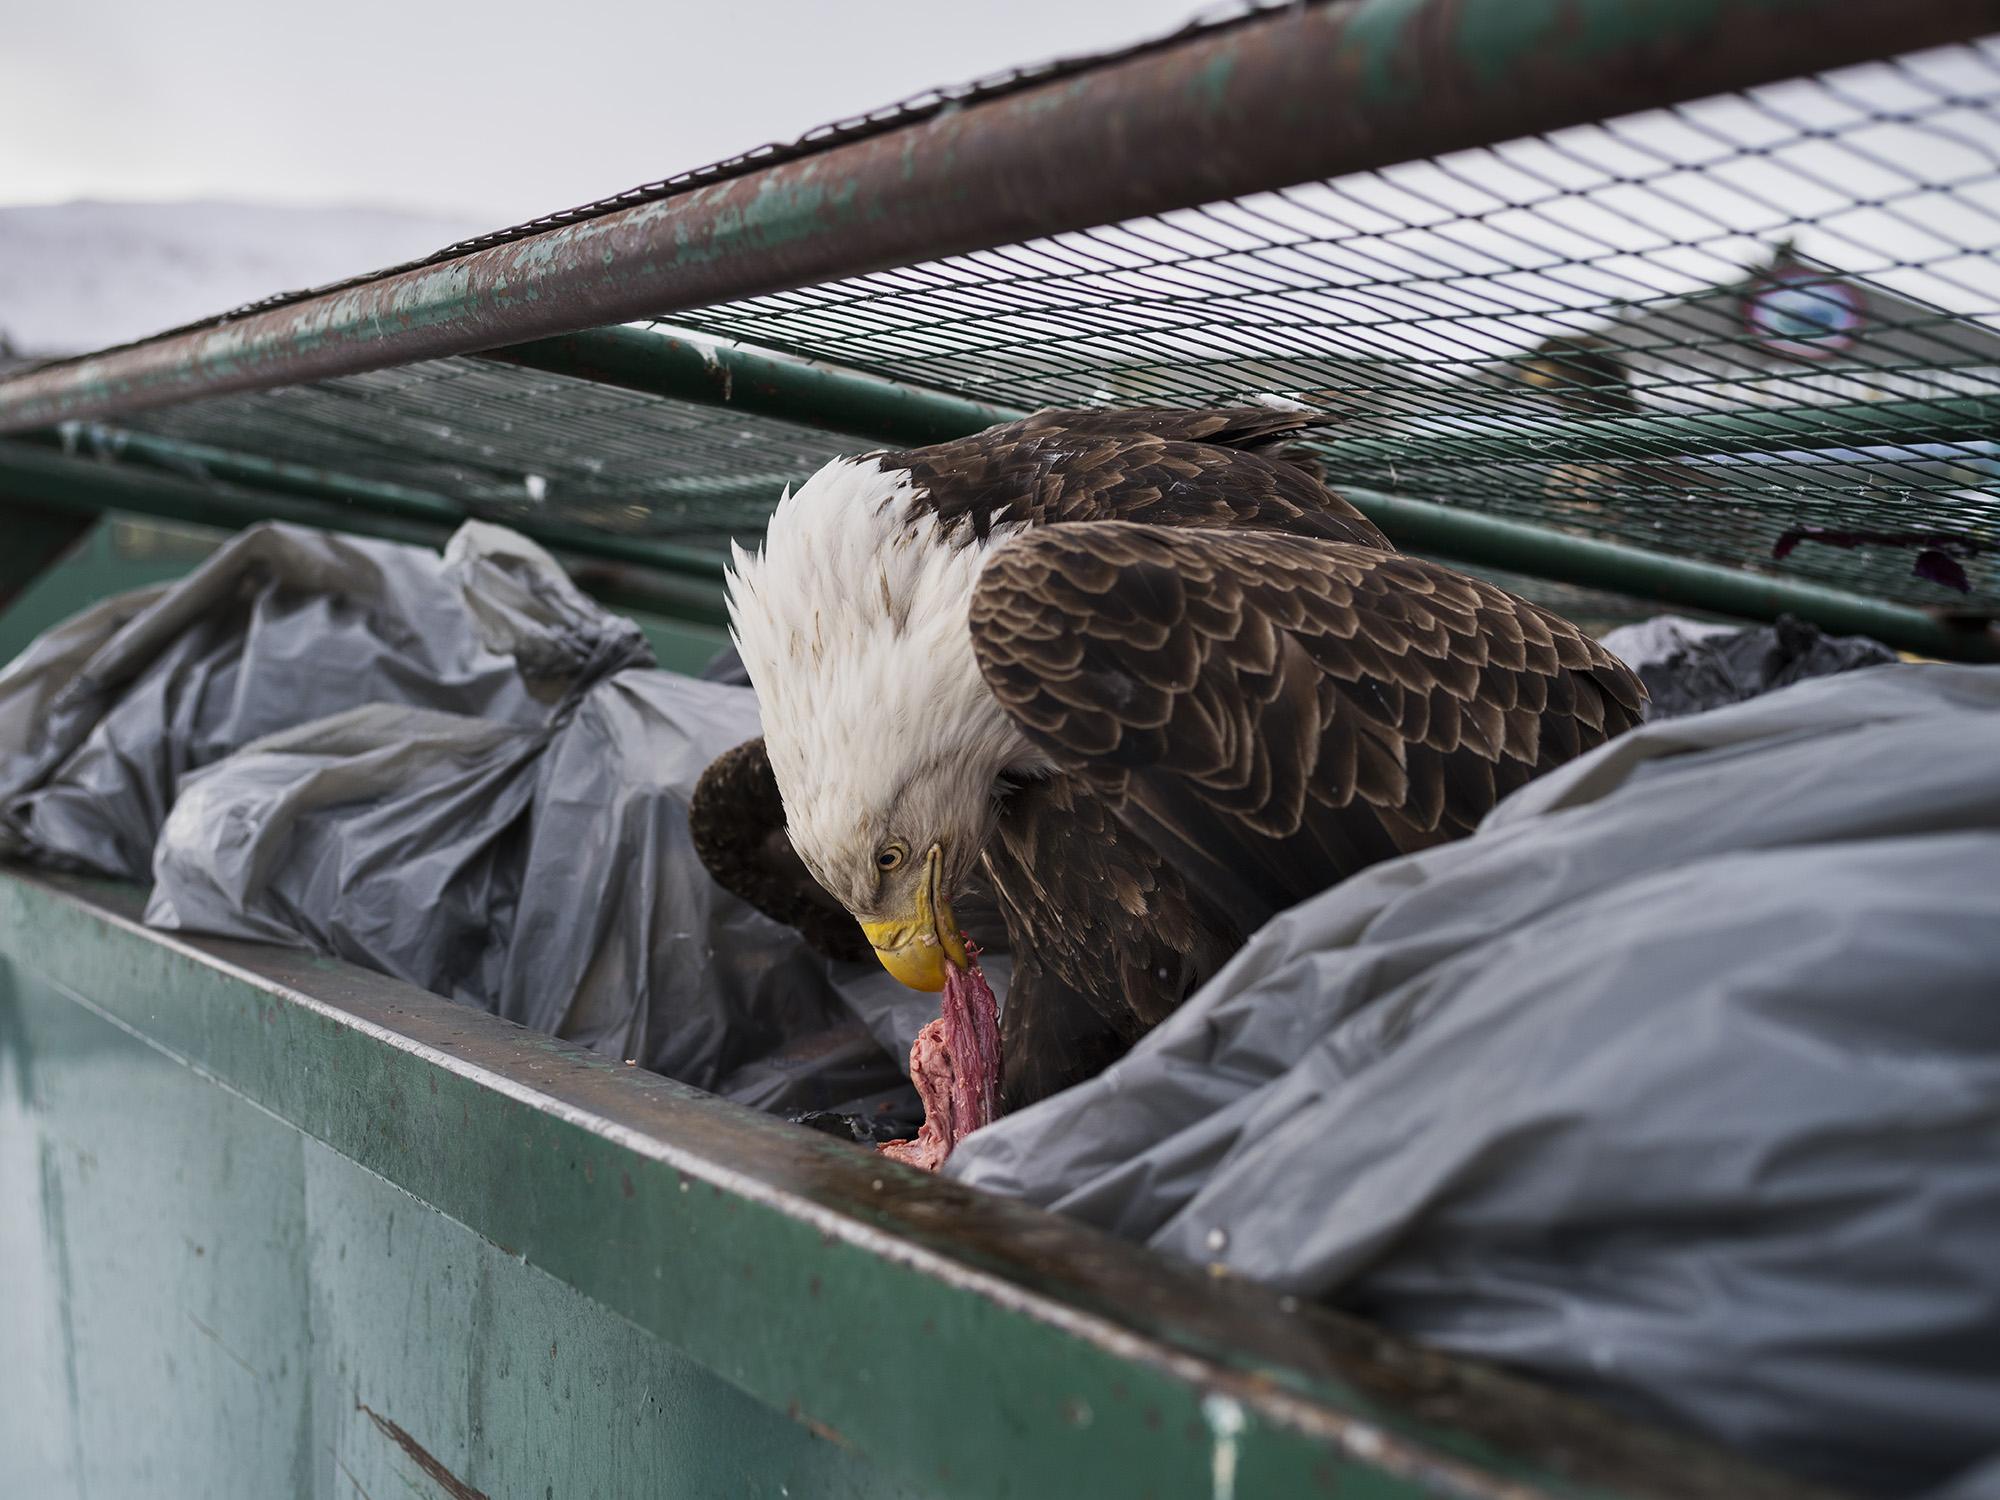 Ныряльщик в мусорный бак, © Кори Арнольд, США, 1-й приз : одиночный кадр, Фотоконкурс World Press Photo